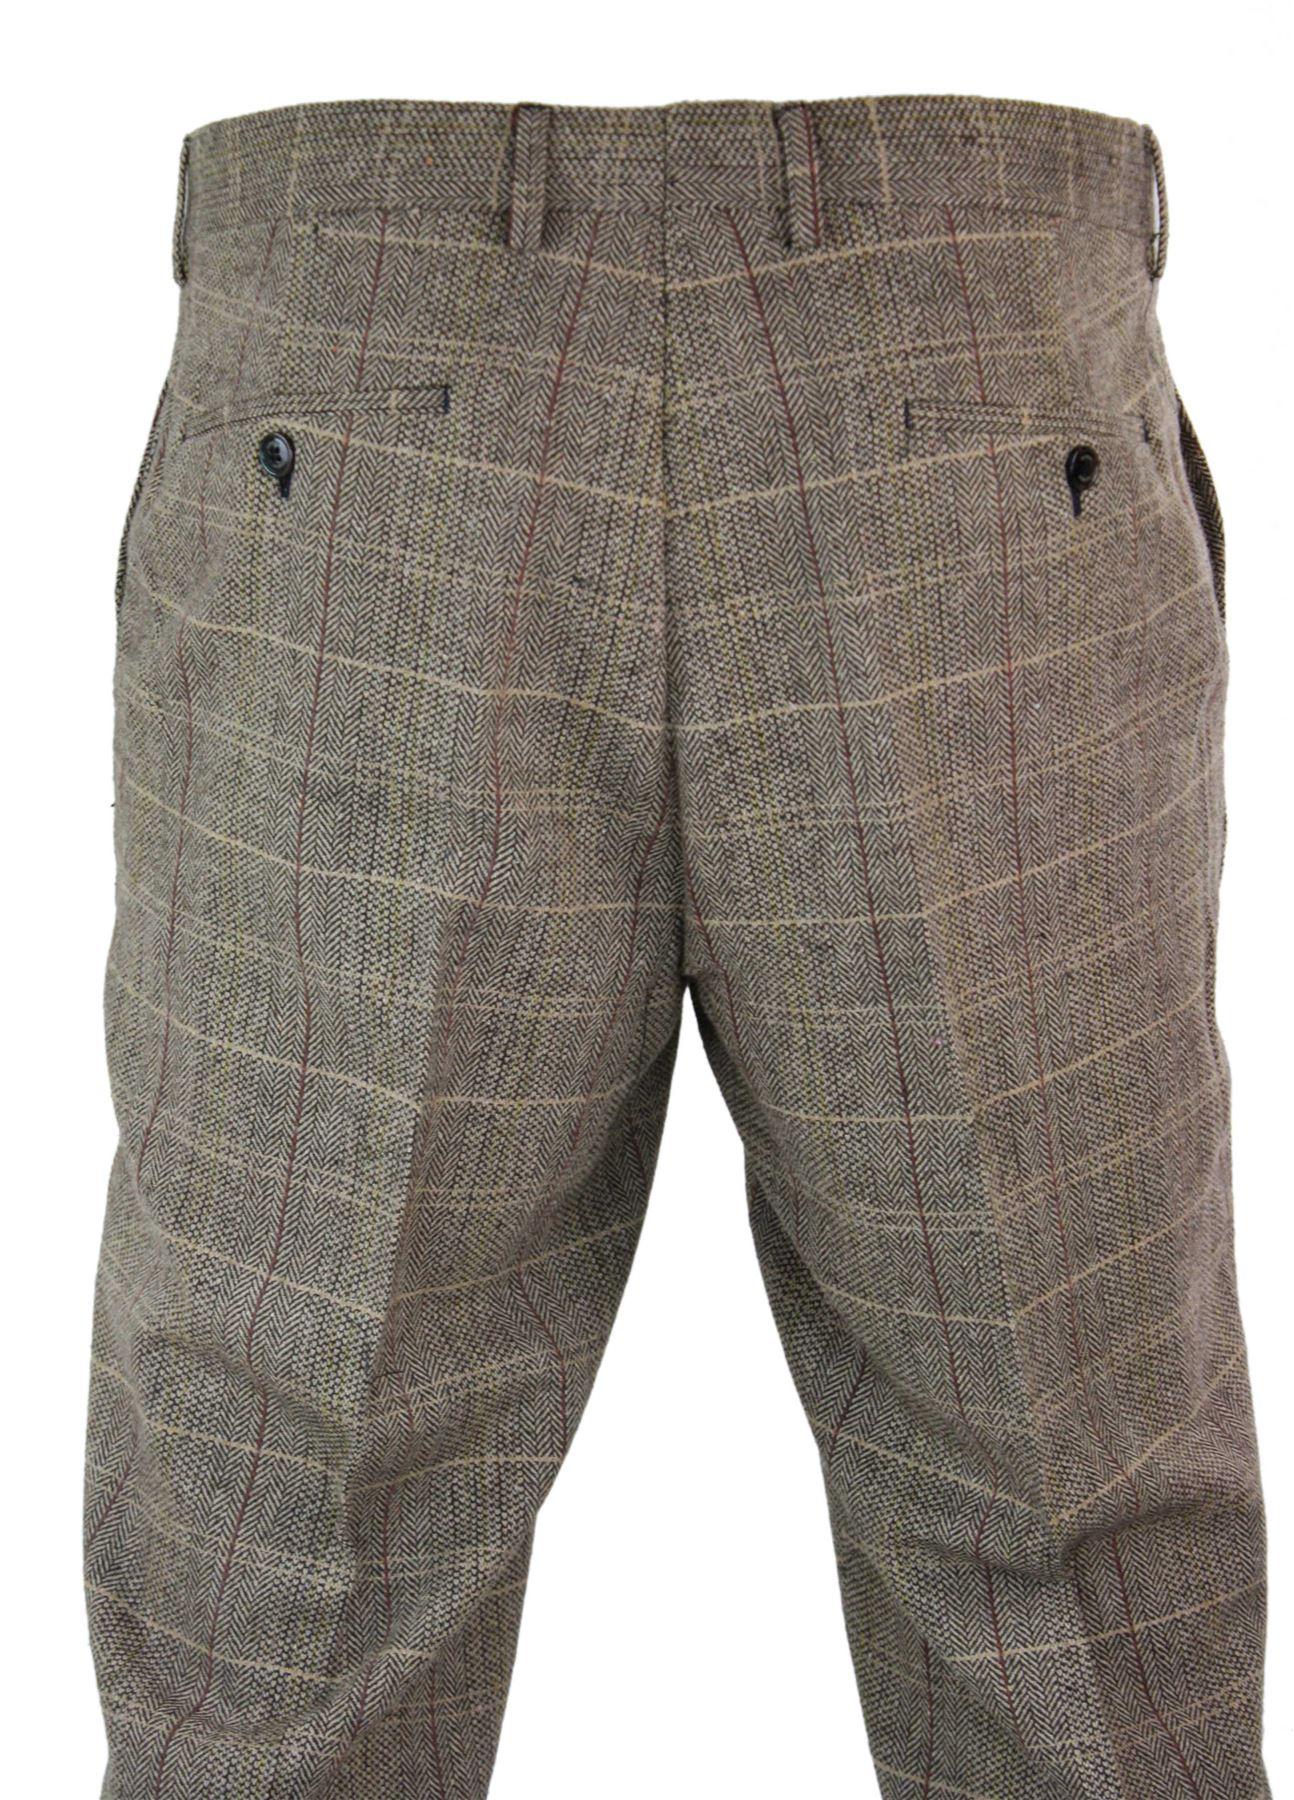 Mens-Herringbone-Tweed-Check-Peaky-Blinders-Trousers-Wool-Vintage-Classic-Retro thumbnail 7